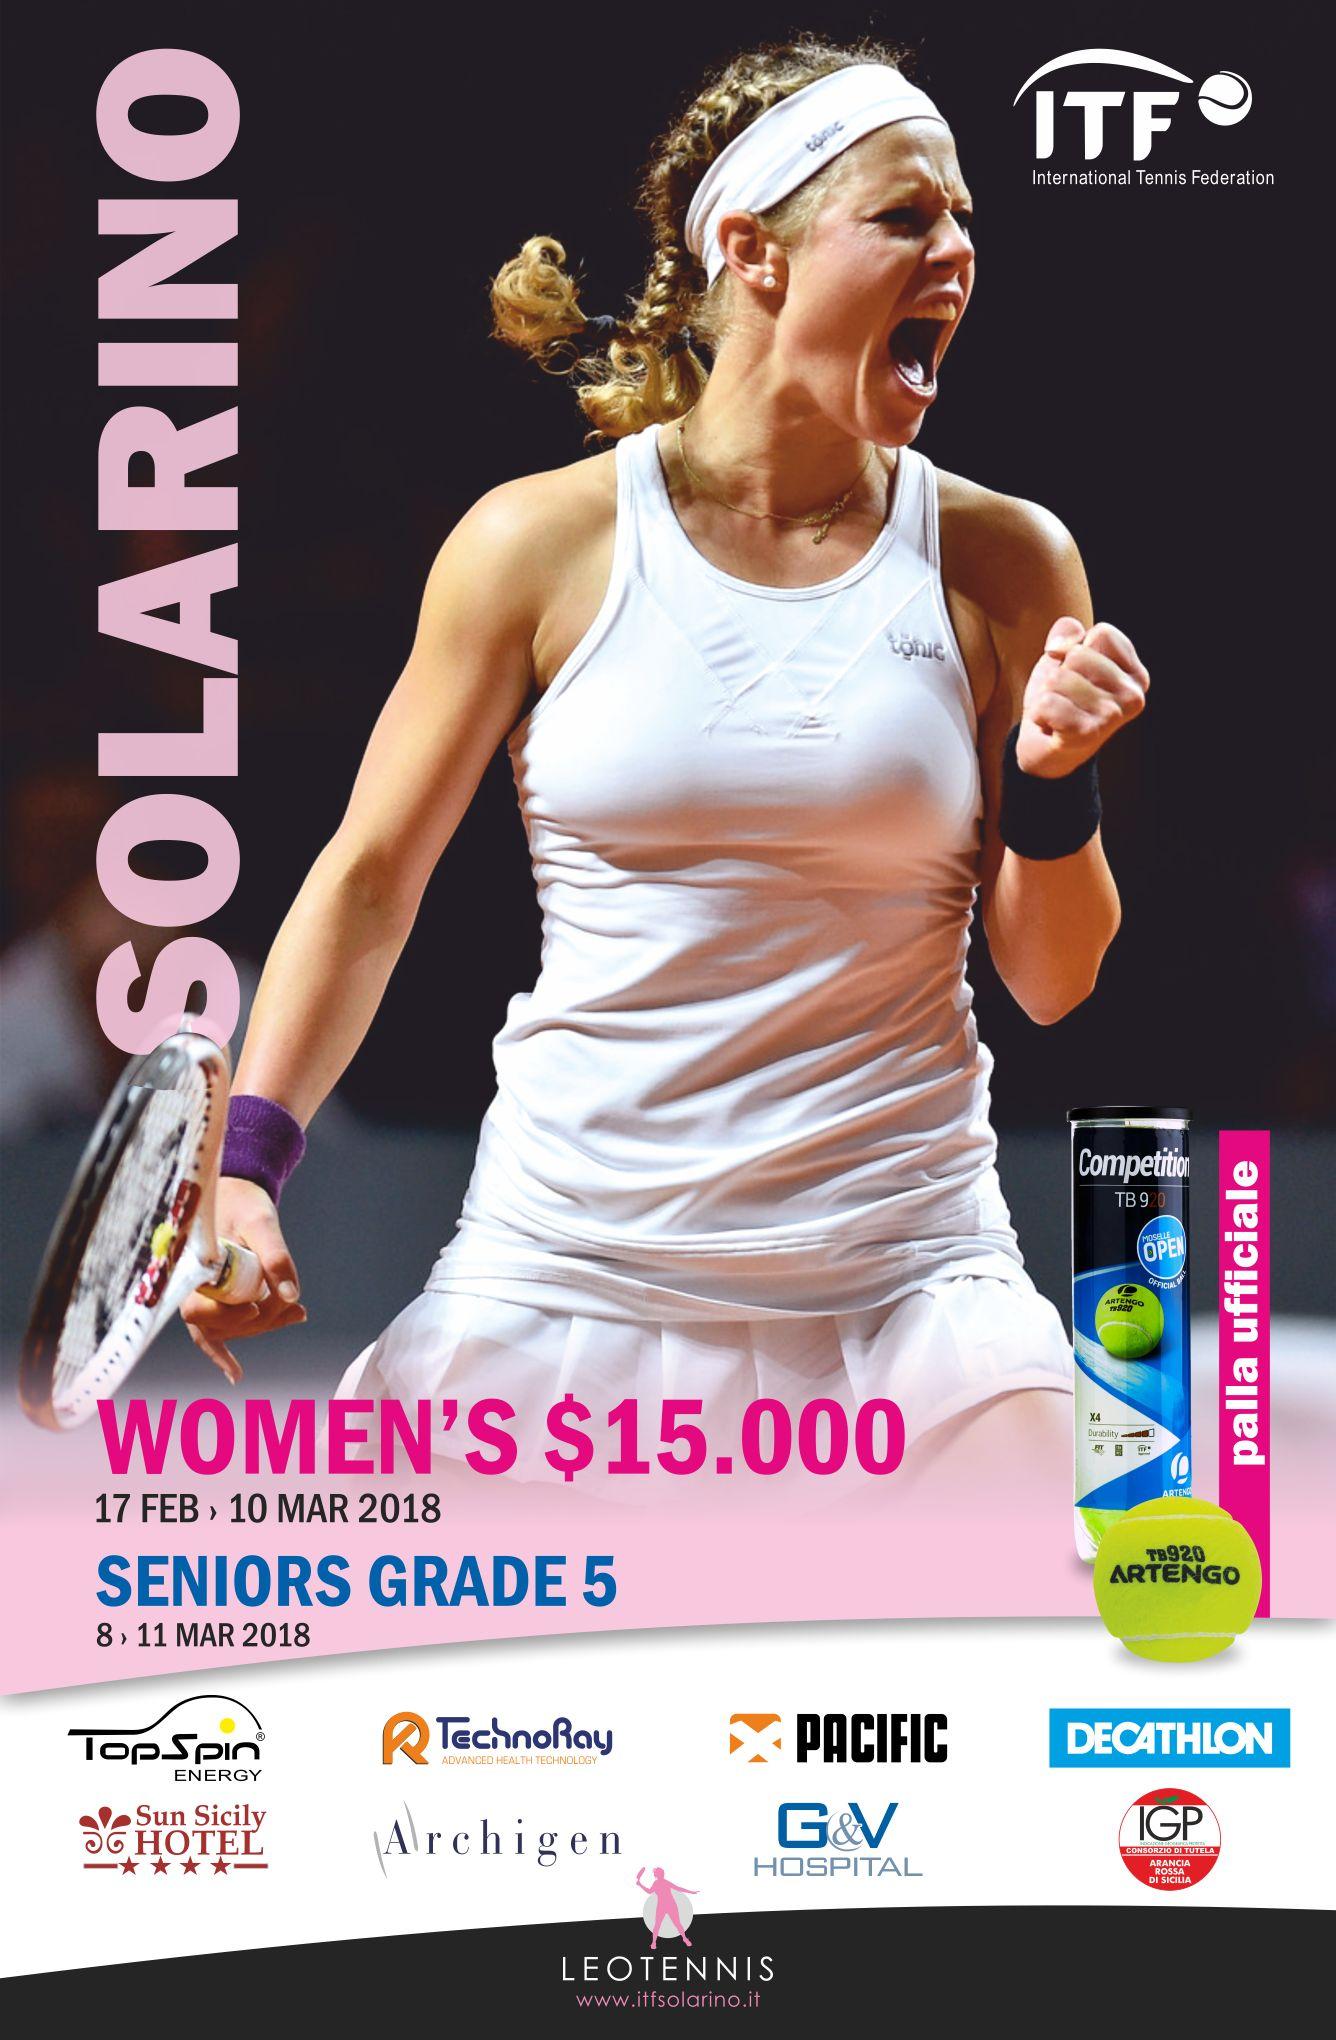 A Solarino in arrivo 4 tornei ITF consevutivi dal prossimo mese di Febbraio